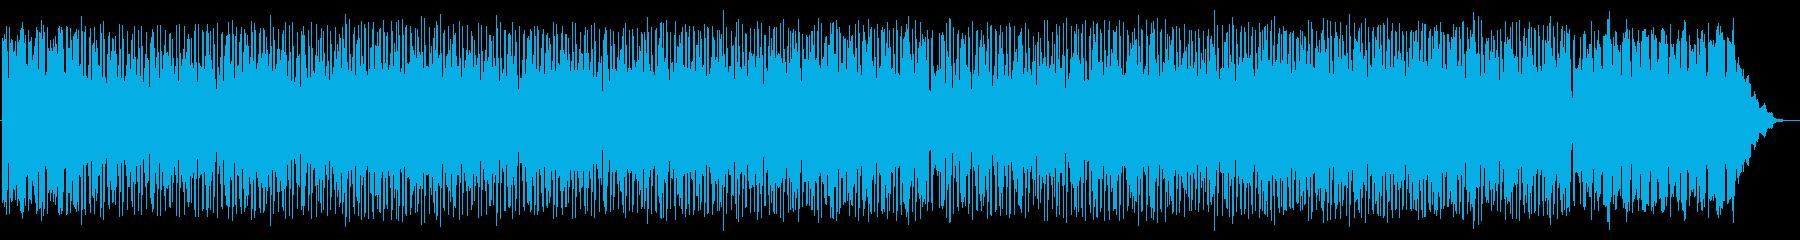 JazzyでソウルフルなHip-Hopの再生済みの波形